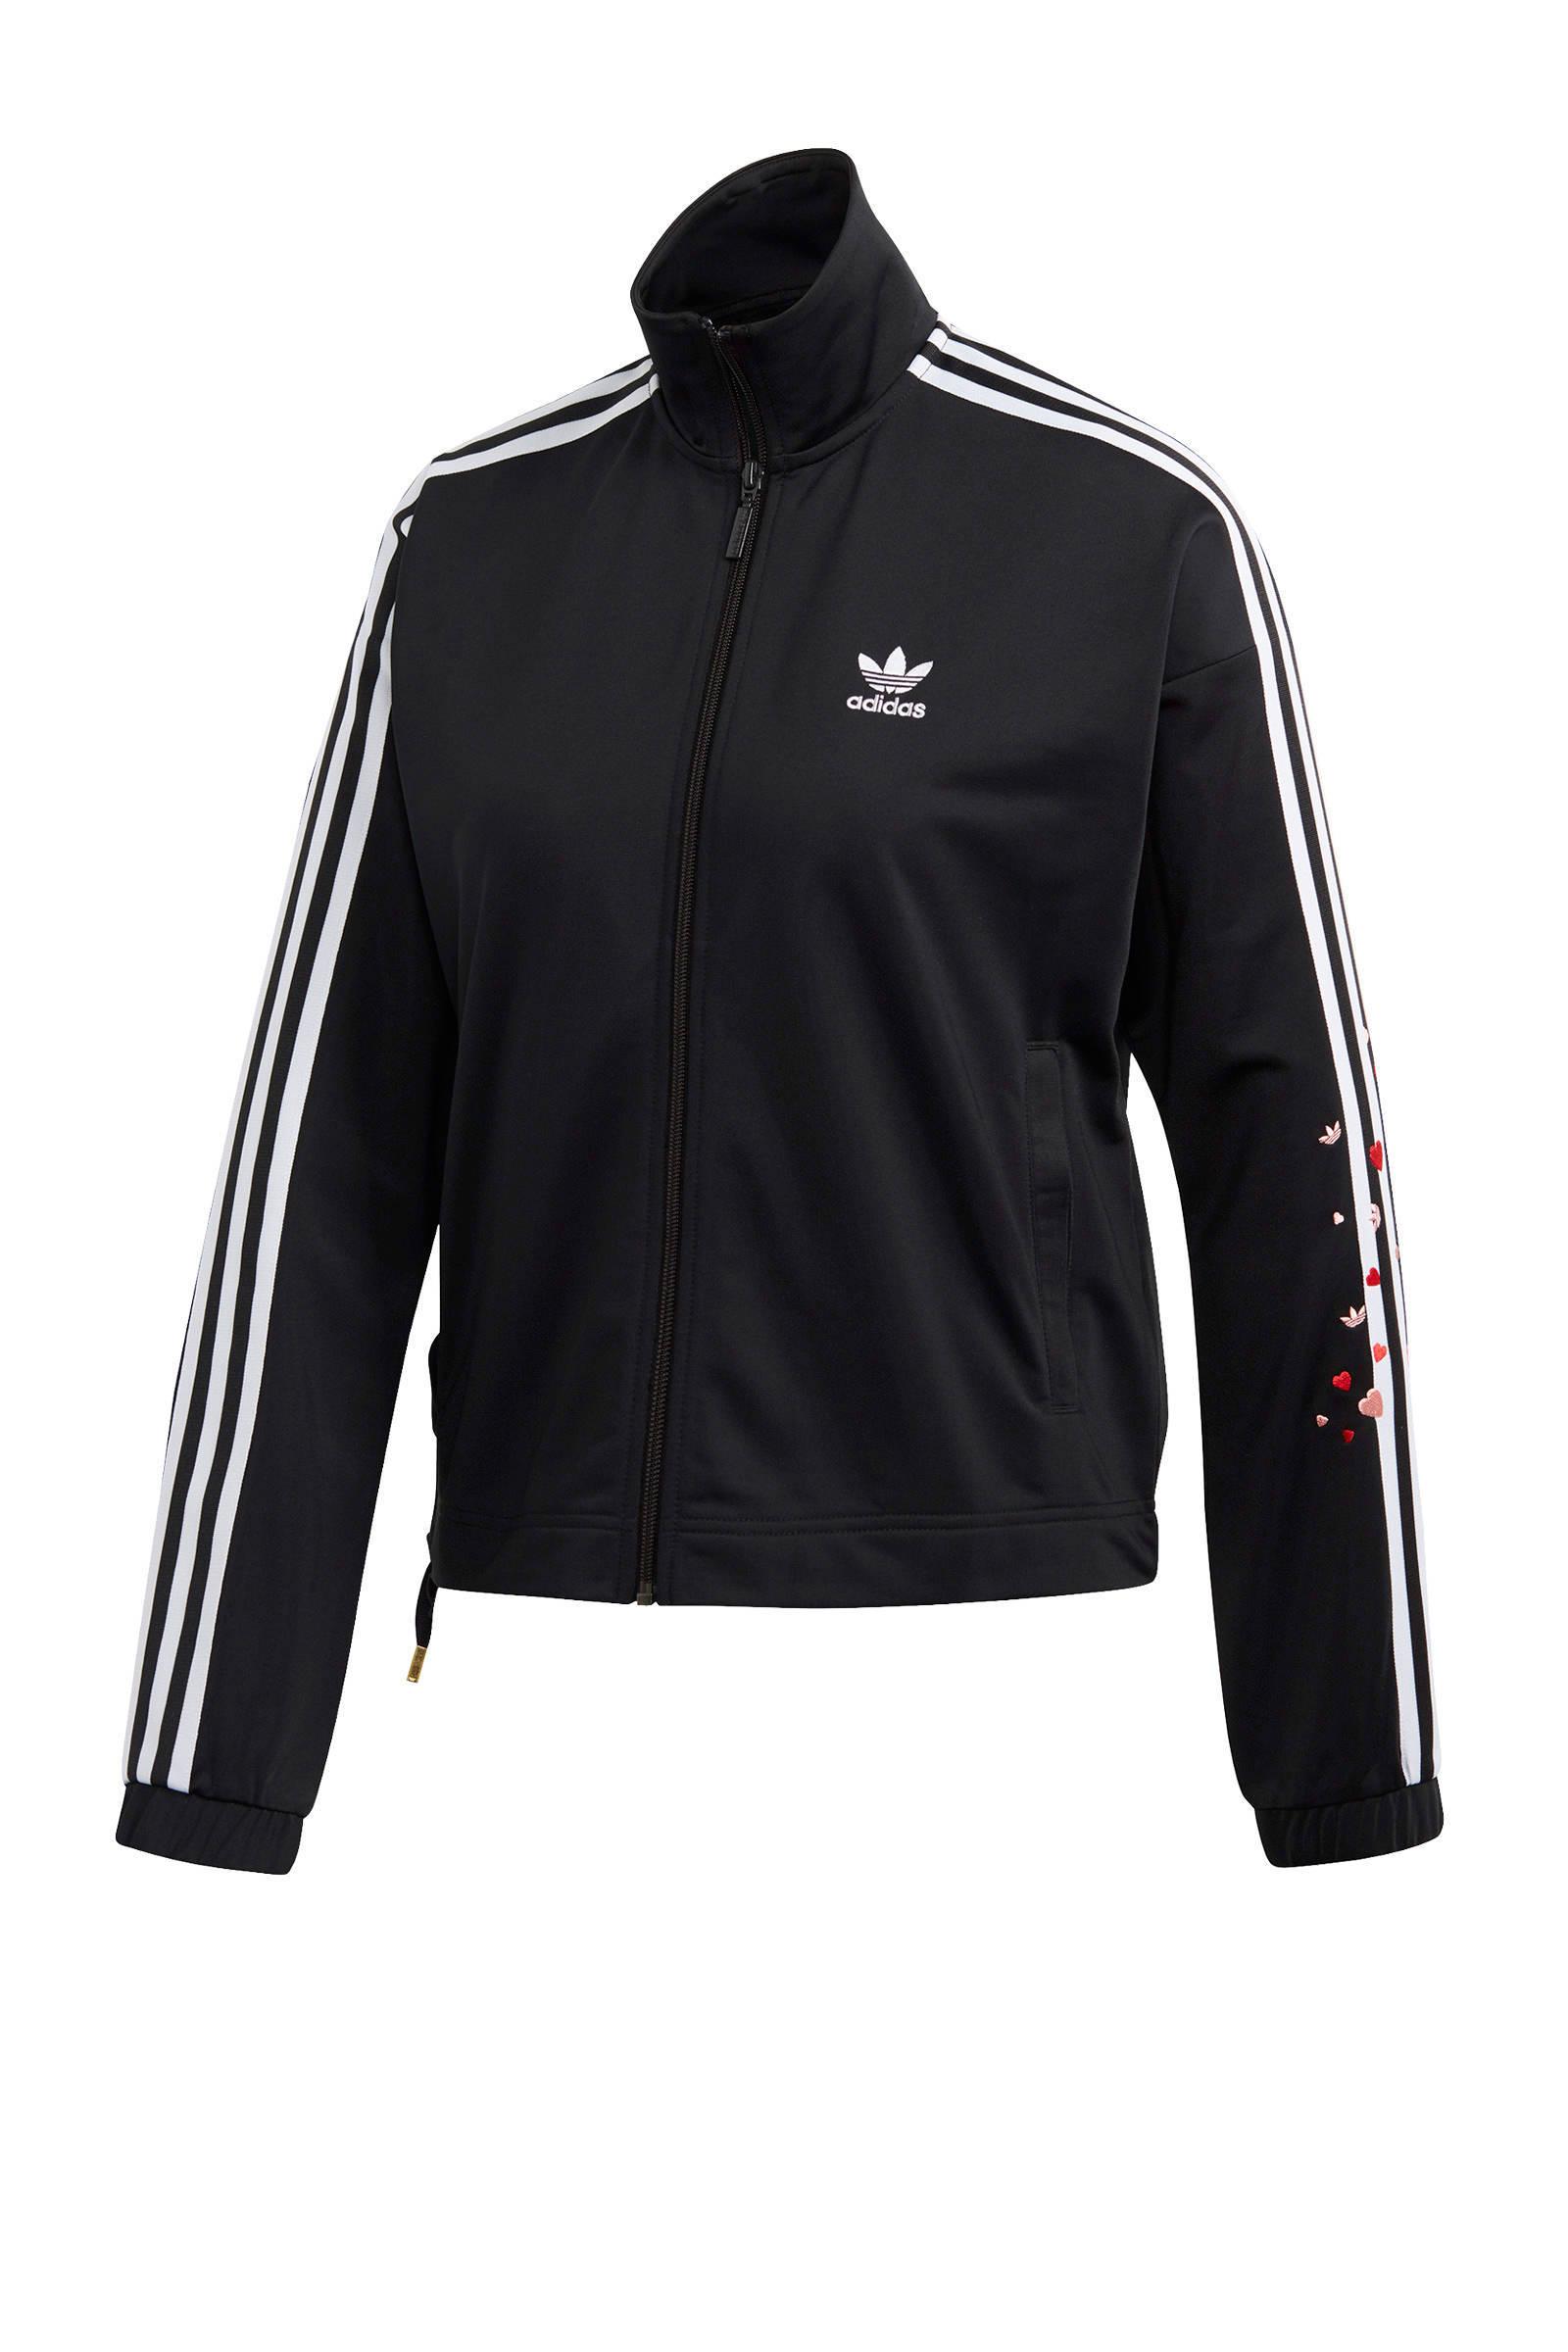 adidas dames vesten bij wehkamp Gratis bezorging vanaf 20.